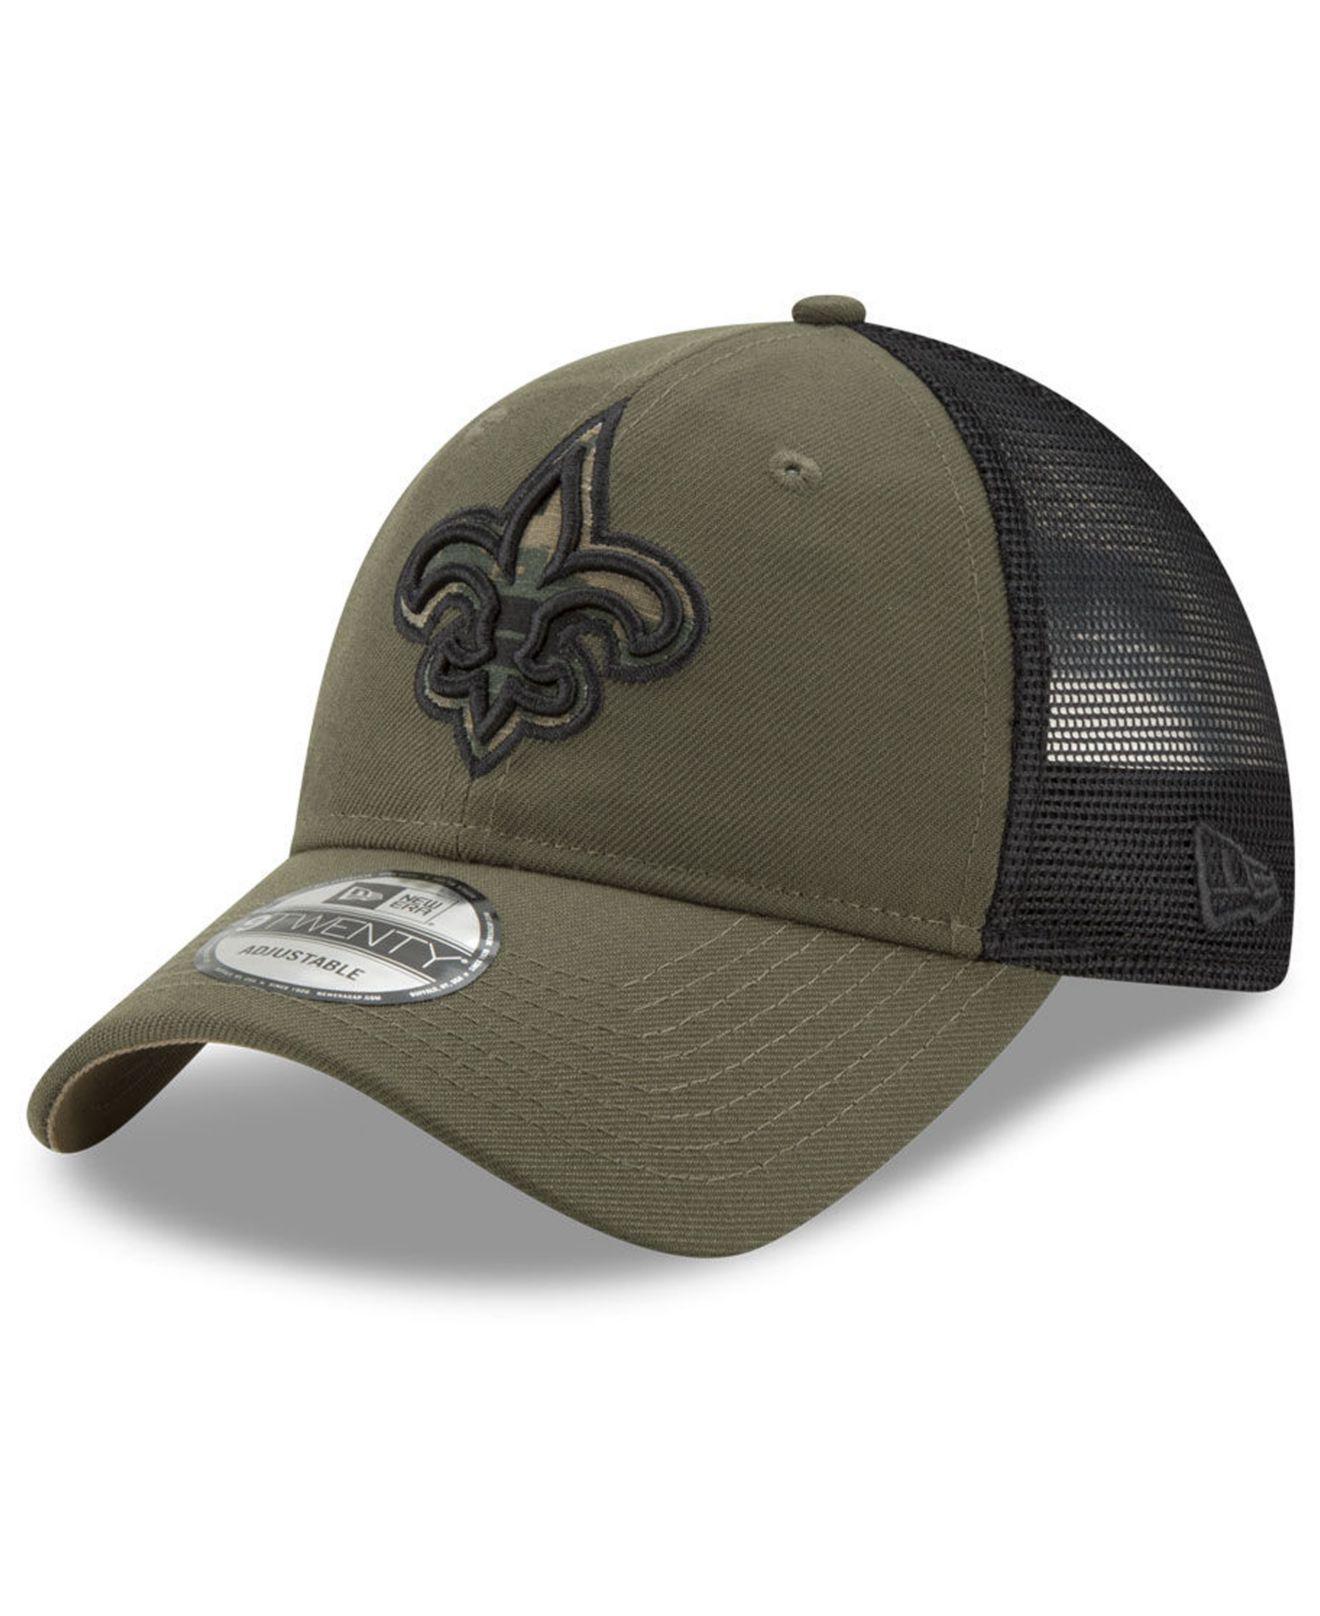 0386e46ac5d68 KTZ New Orleans Saints Camo Service Patch 9twenty Trucker Cap in ...